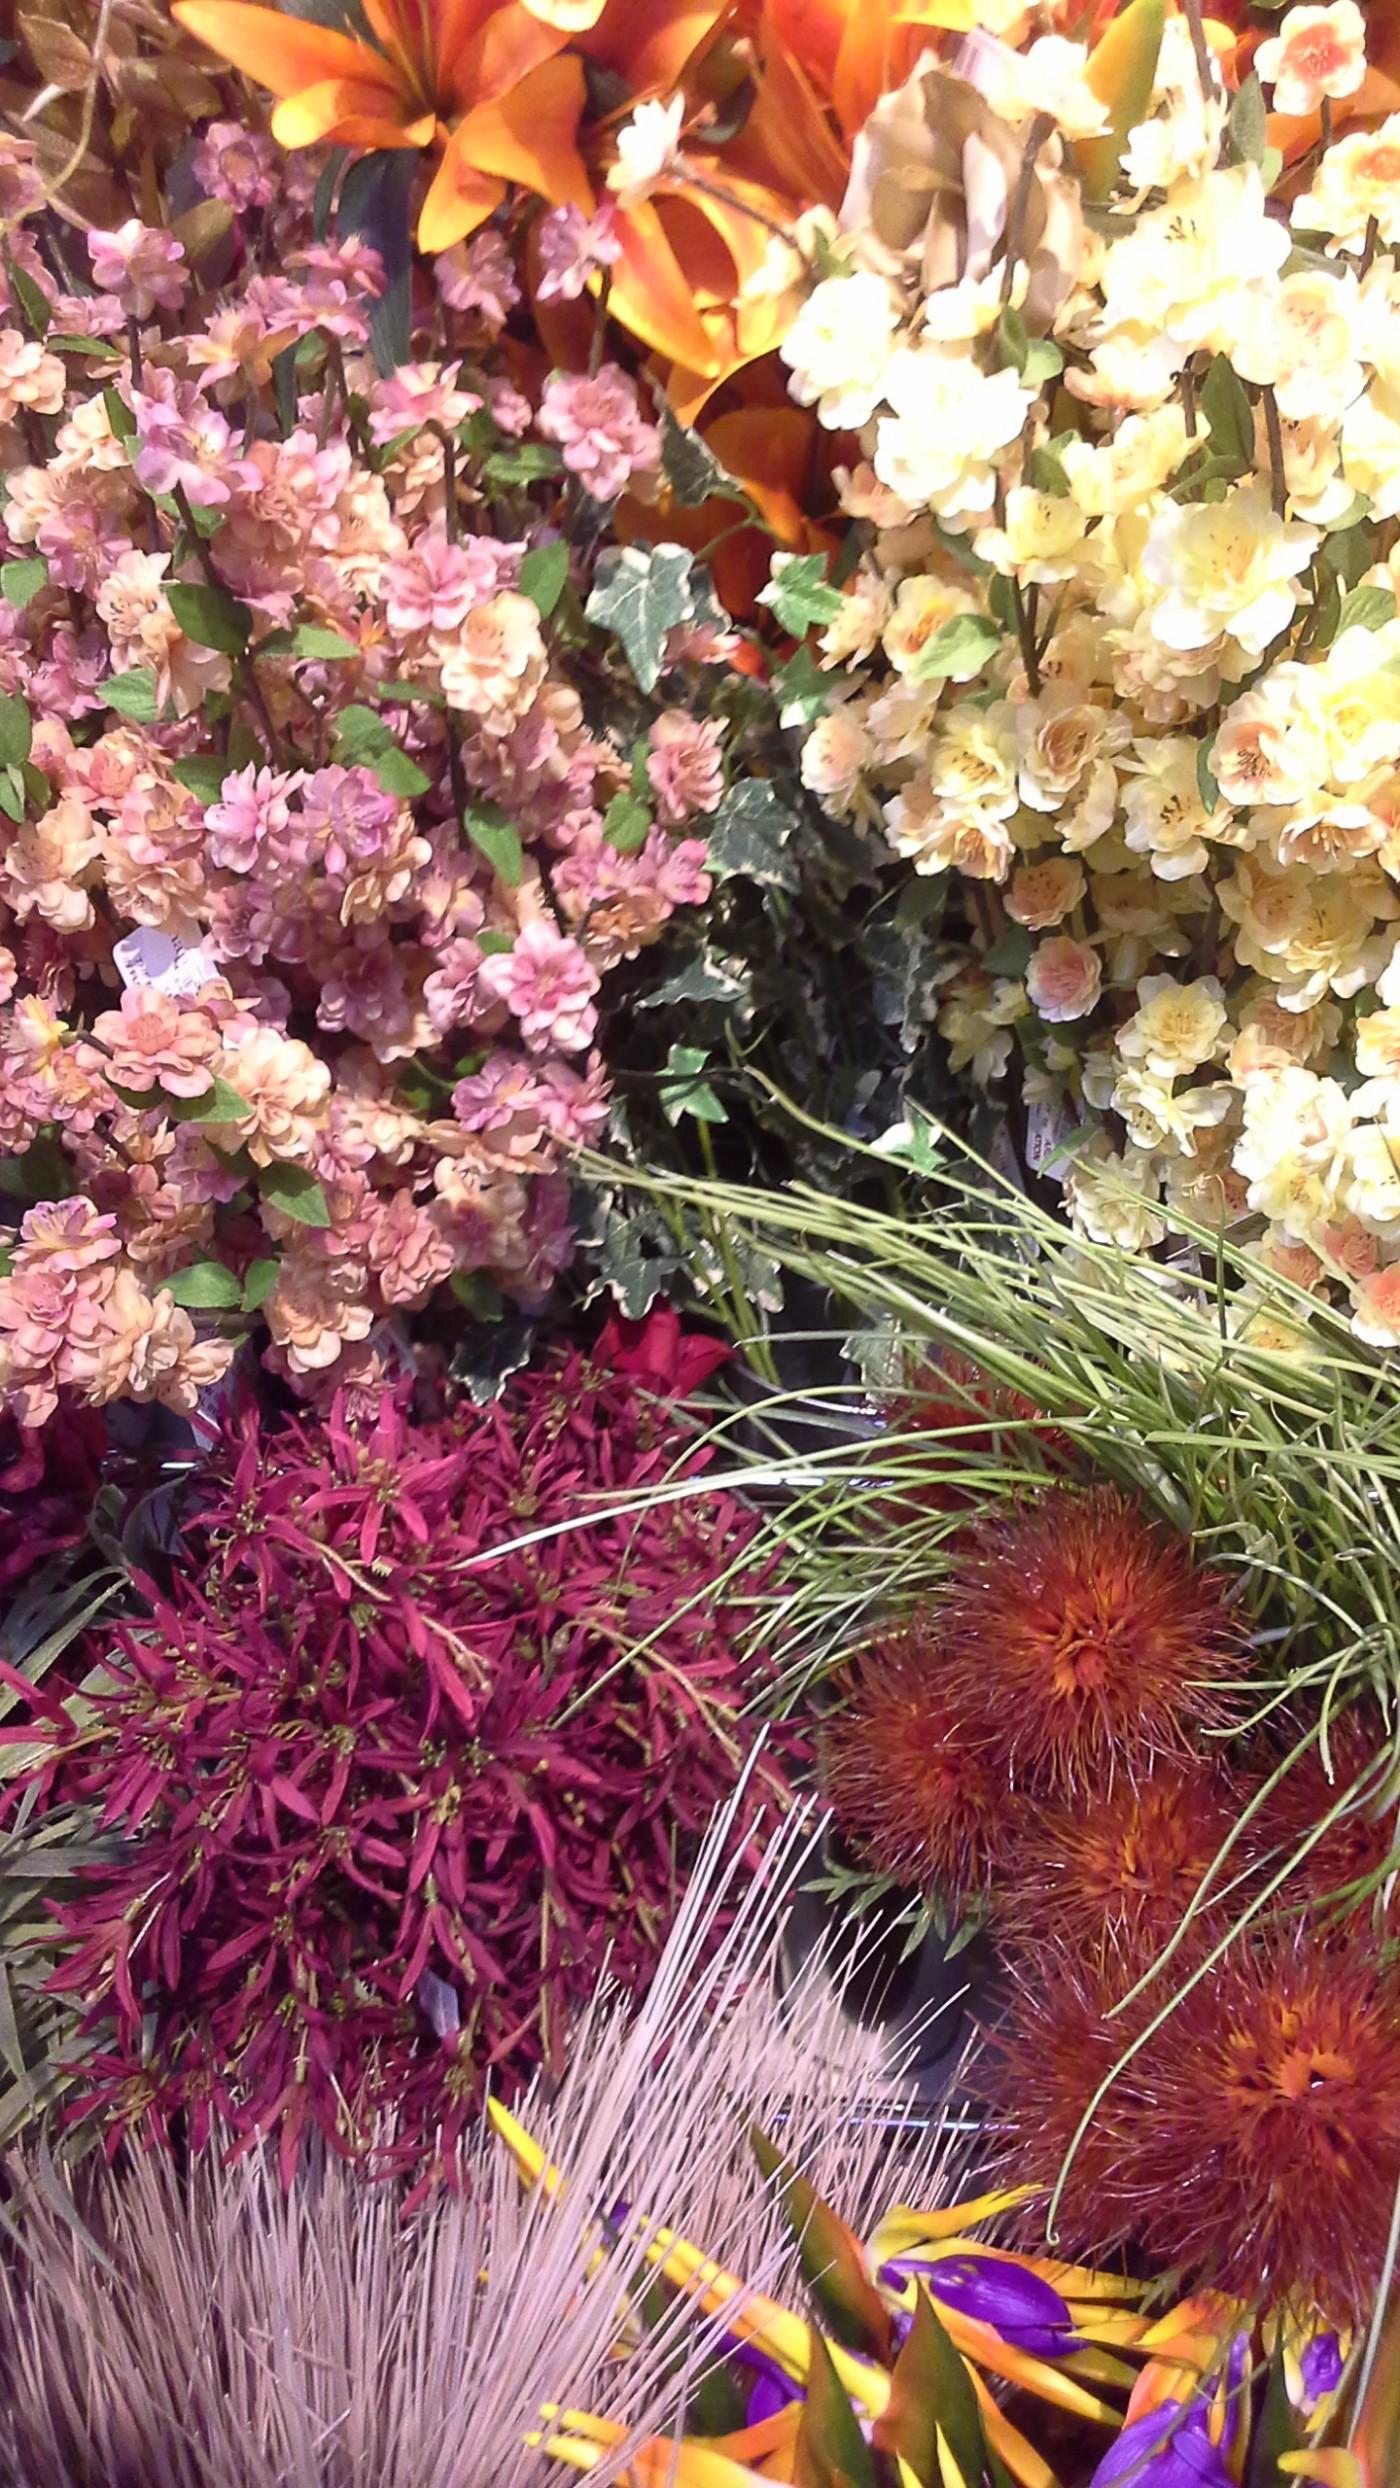 Silk Flower Workshop Glendoick Garden Centre